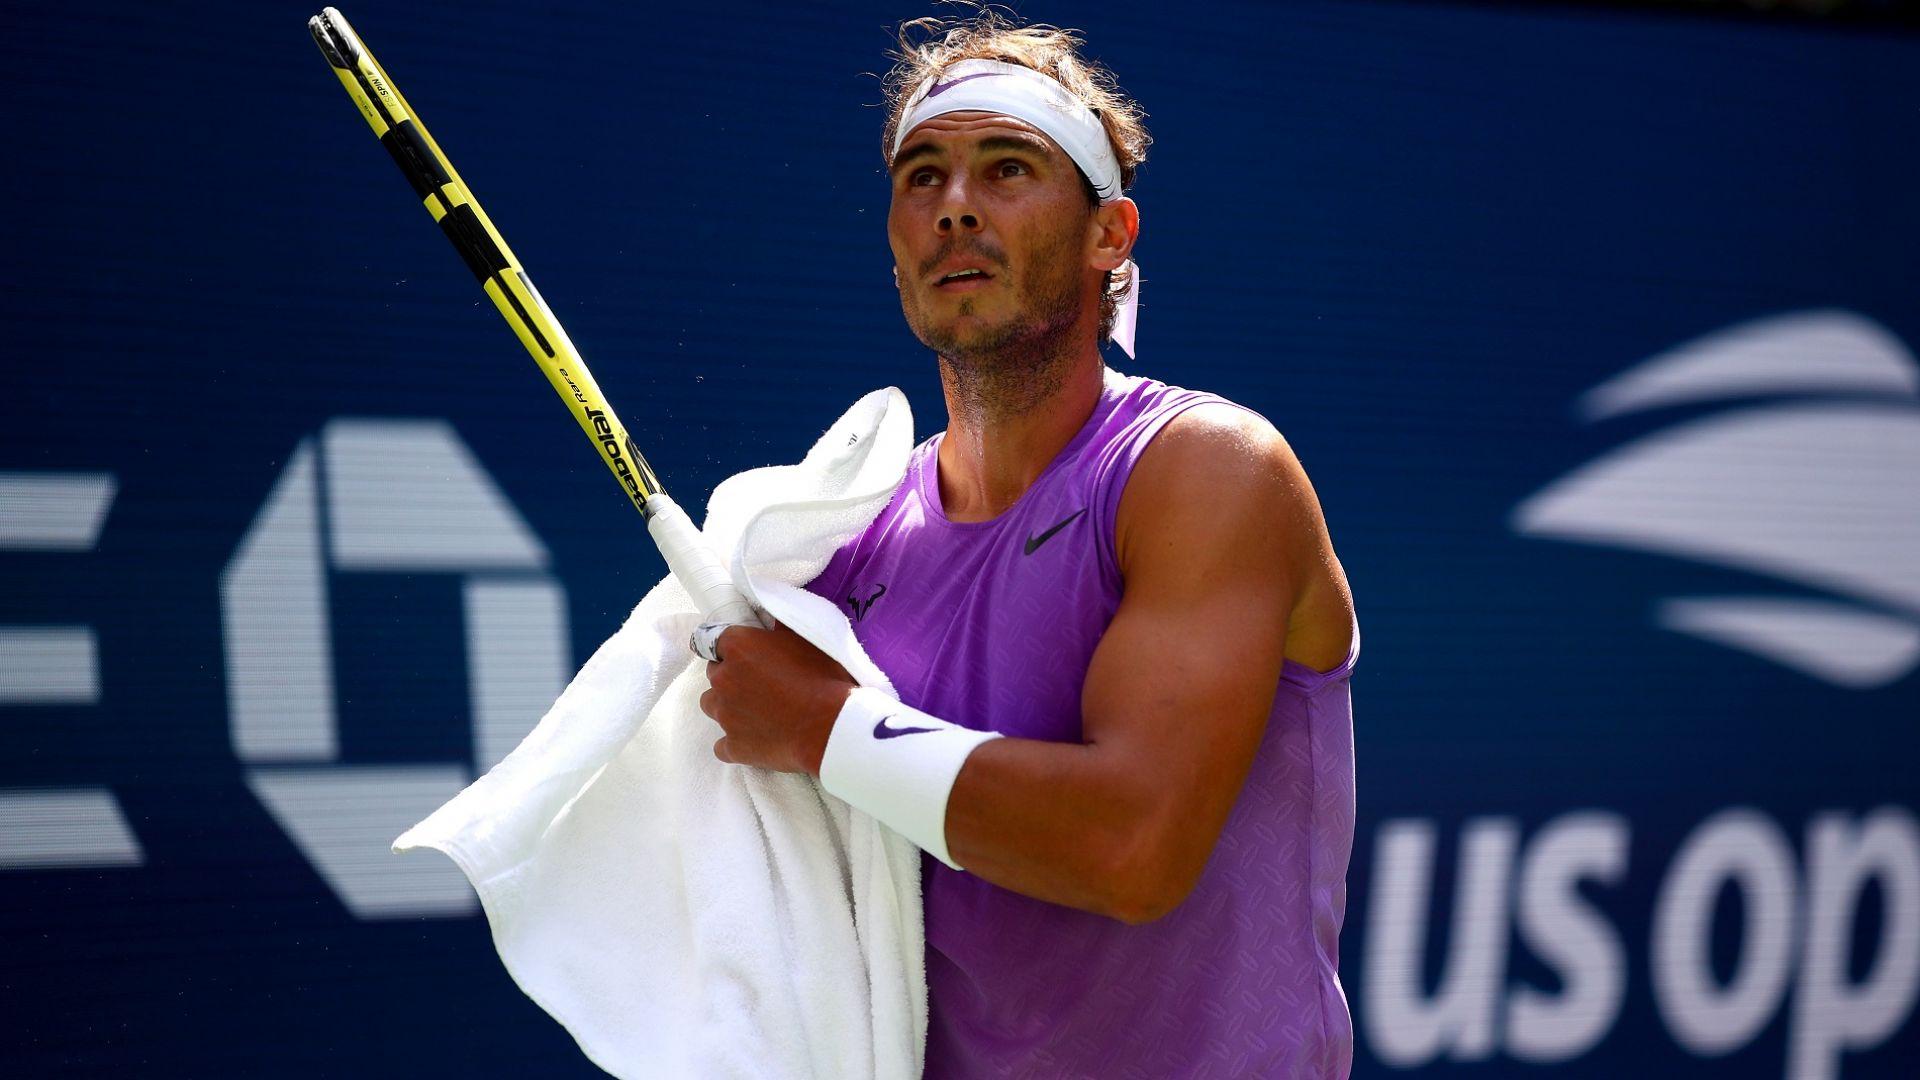 Нова бърза победа за Надал, а руснак изхвърли Ник Кирьос от US Open